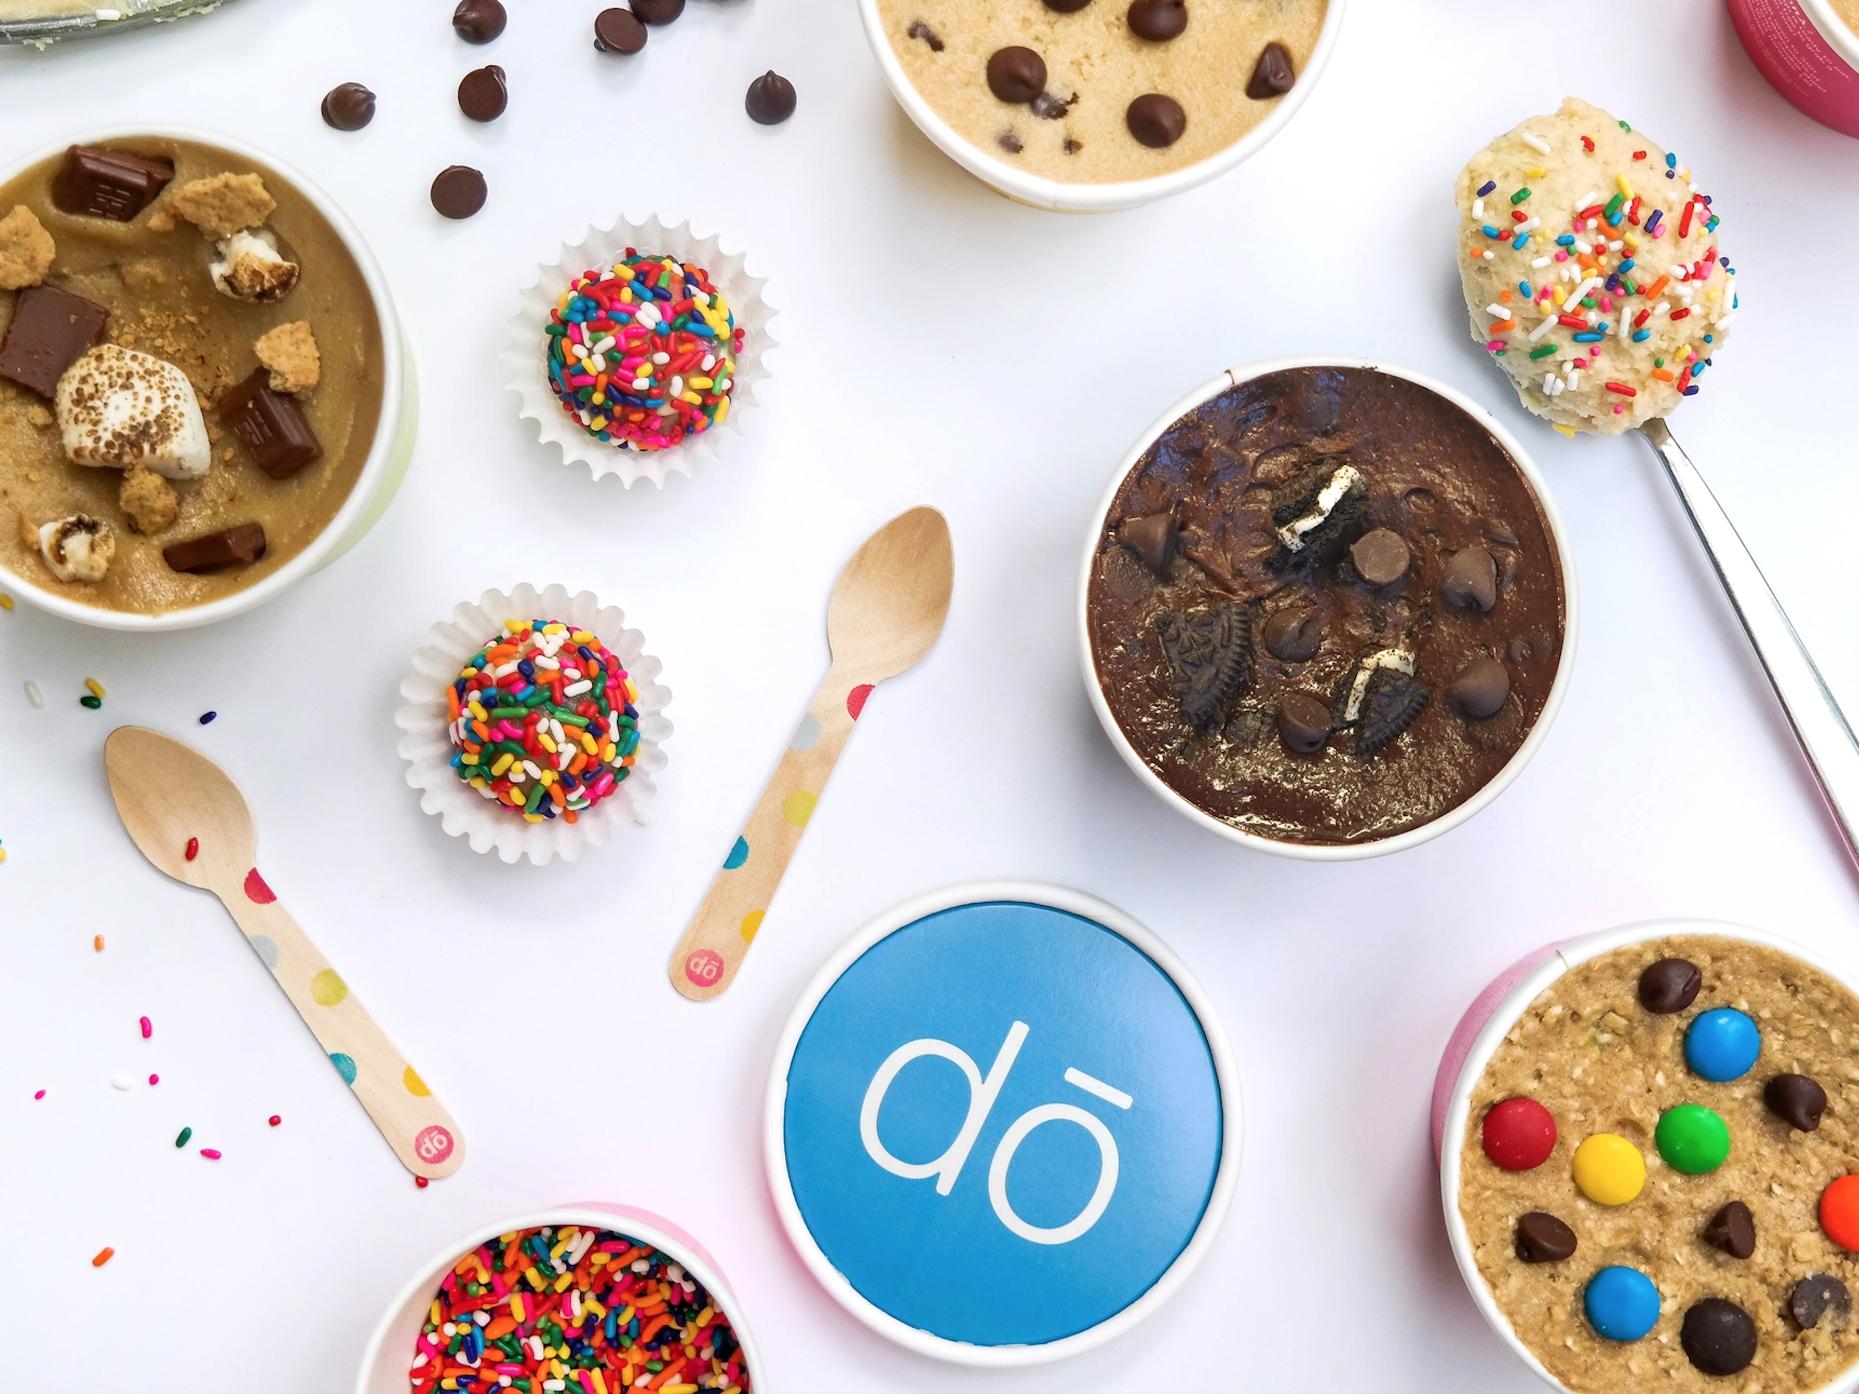 DŌ, Cookie Dough Confections - 550 LaGuardia Pl, New York, NY 10012